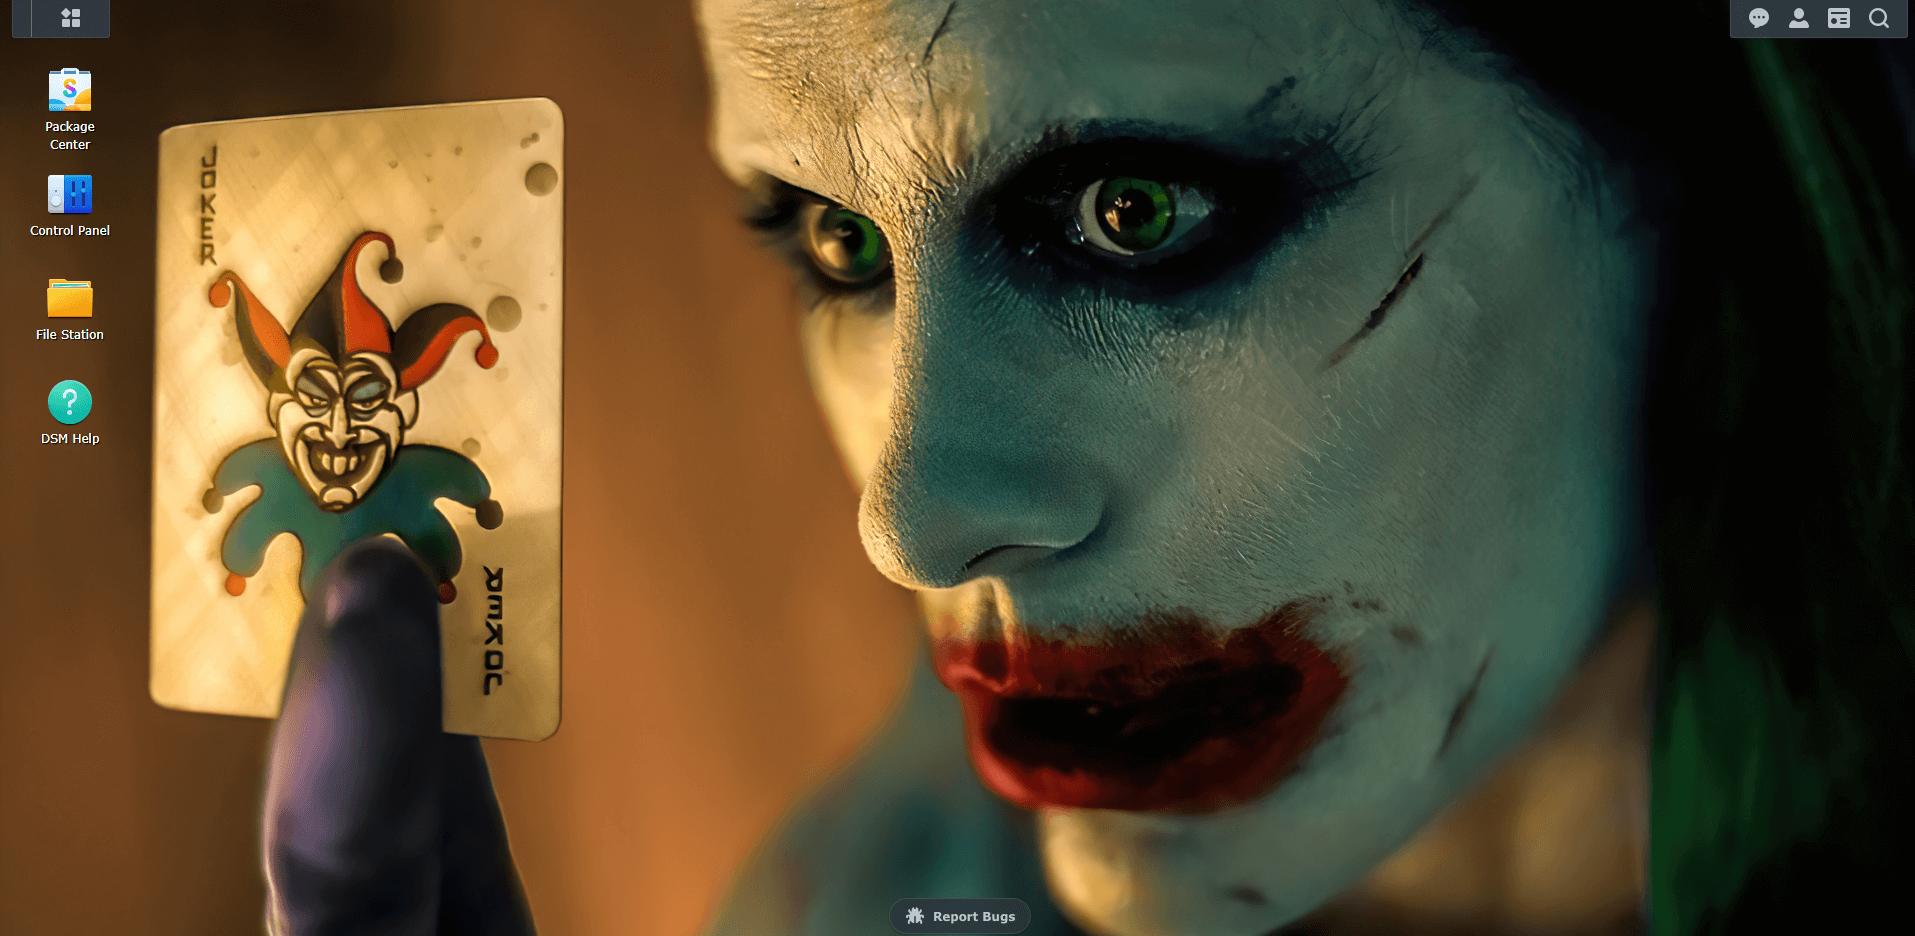 Joker wallpaper Synology DSM 7